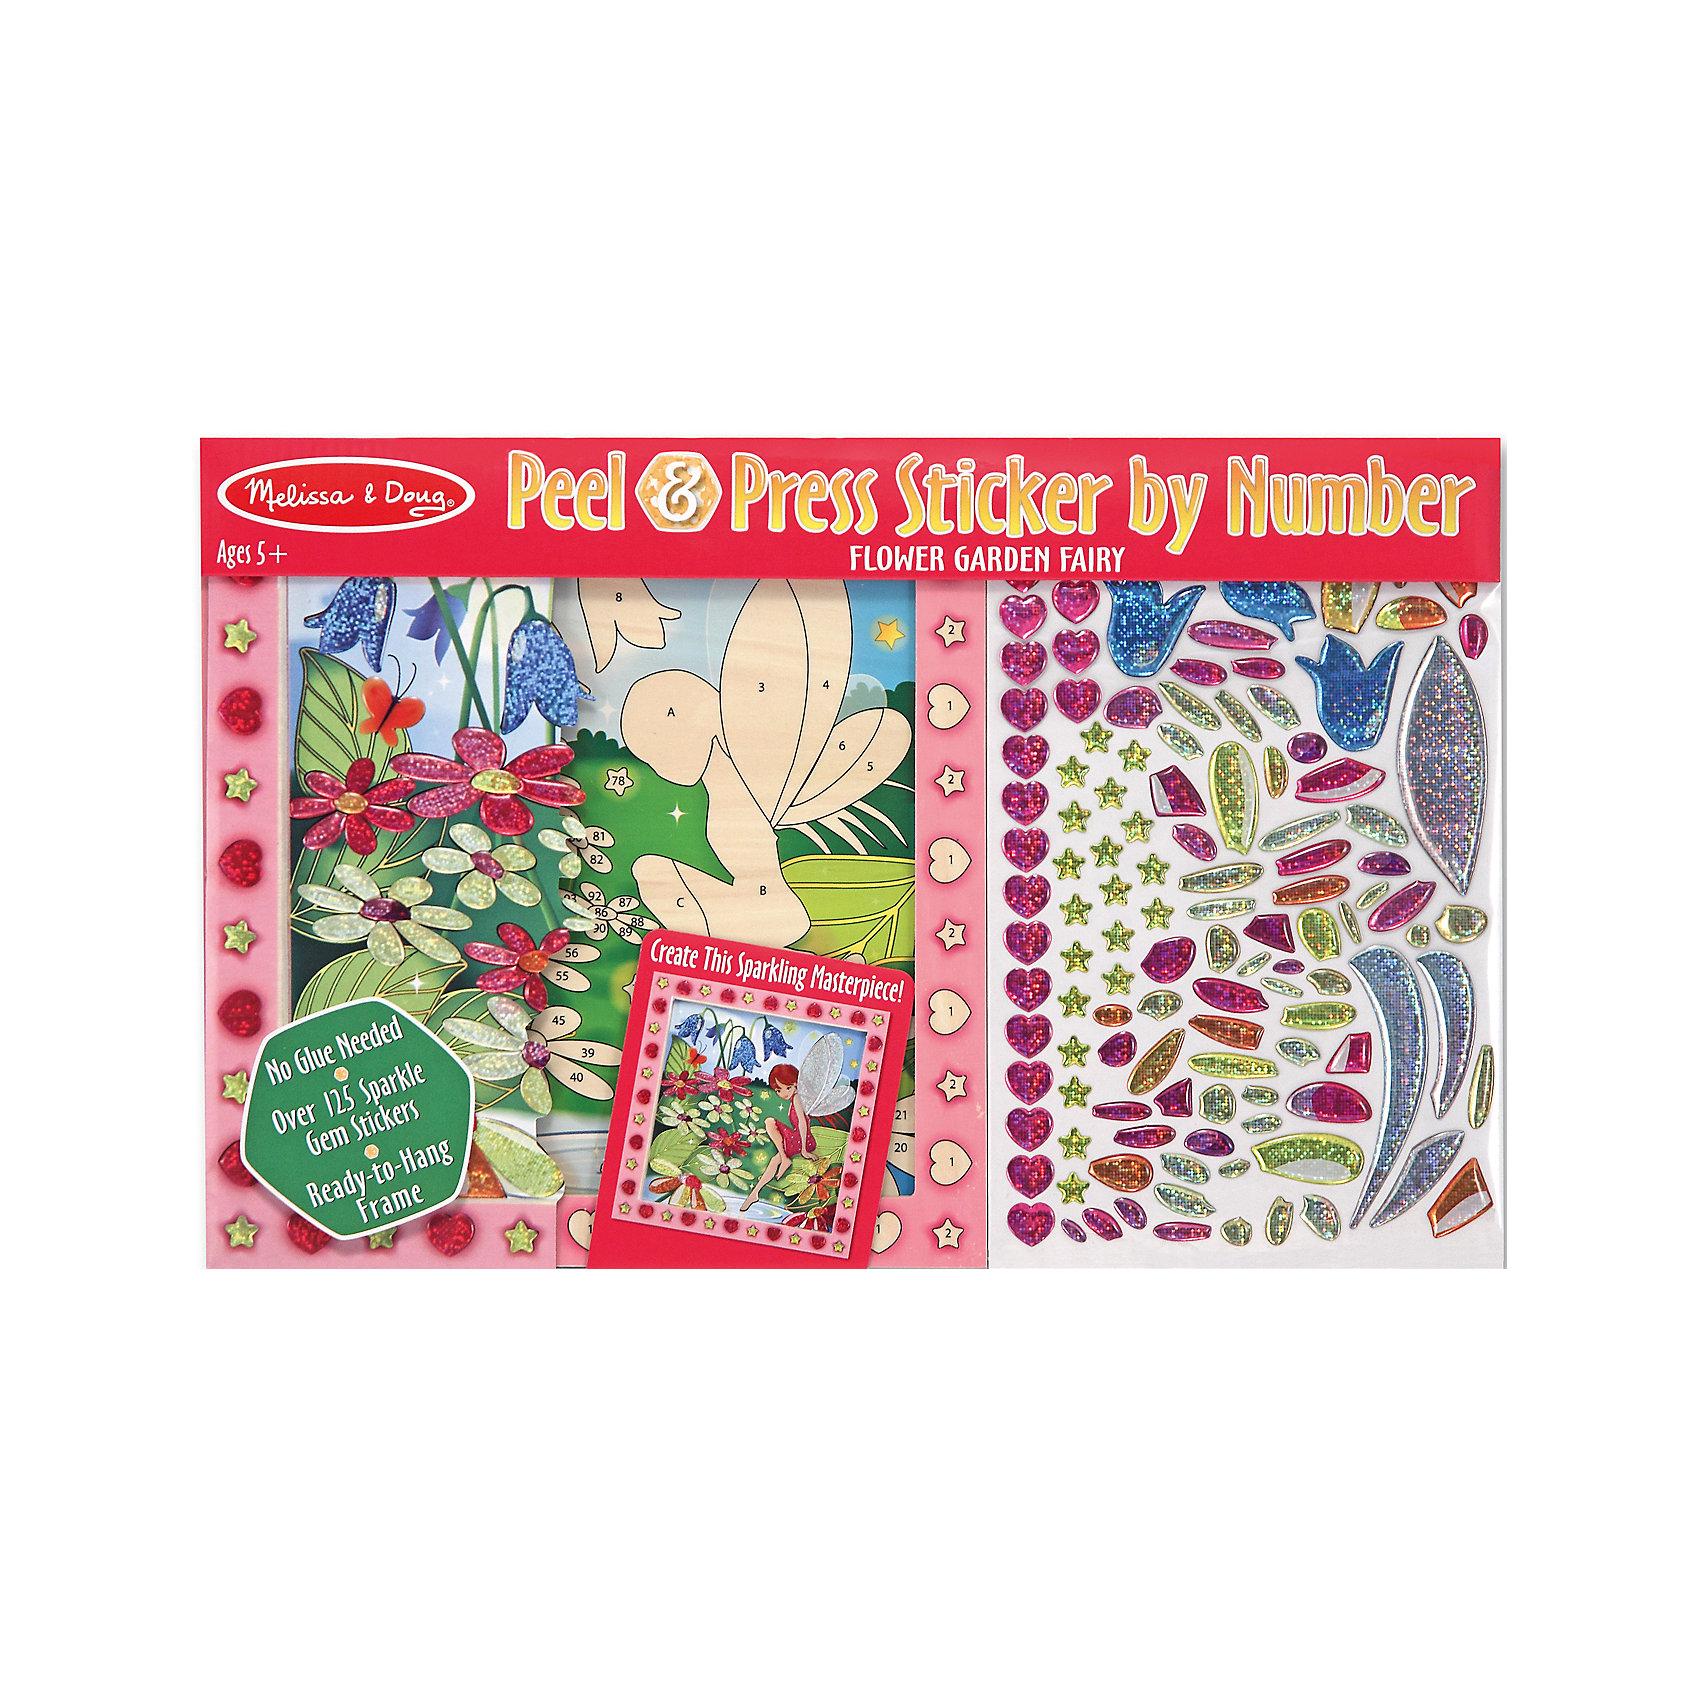 Мозаика Цветочный садДумаете, как порадовать ребенка? Такая мозаика - это отличный вариант подарка ребенку, который одновременно и развлечет малыша, и позволит ему развивать важные навыки. Это способствует развитию у малышей мелкой моторики, цветовосприятия, художественного вкуса, внимания и воображения. <br>Набор состоит из фоновой картинки, которую нужно заполнить наклейками-деталями, чтобы получилось изображение. Его потом можно повесить в комнате! Особенно понравится девочкам. Набор отличается удобной упаковкой, простотой использования и отличным качеством исполнения. <br><br>Дополнительная информация:<br><br>комплектация: фоновая картинка, детали;<br>размер: 270 х 420 х 10 мм.<br><br>Мозаику Цветочный сад от бренда Melissa&amp;Doug можно купить в нашем магазине.<br><br>Ширина мм: 420<br>Глубина мм: 10<br>Высота мм: 270<br>Вес г: 431<br>Возраст от месяцев: 60<br>Возраст до месяцев: 96<br>Пол: Унисекс<br>Возраст: Детский<br>SKU: 4993671